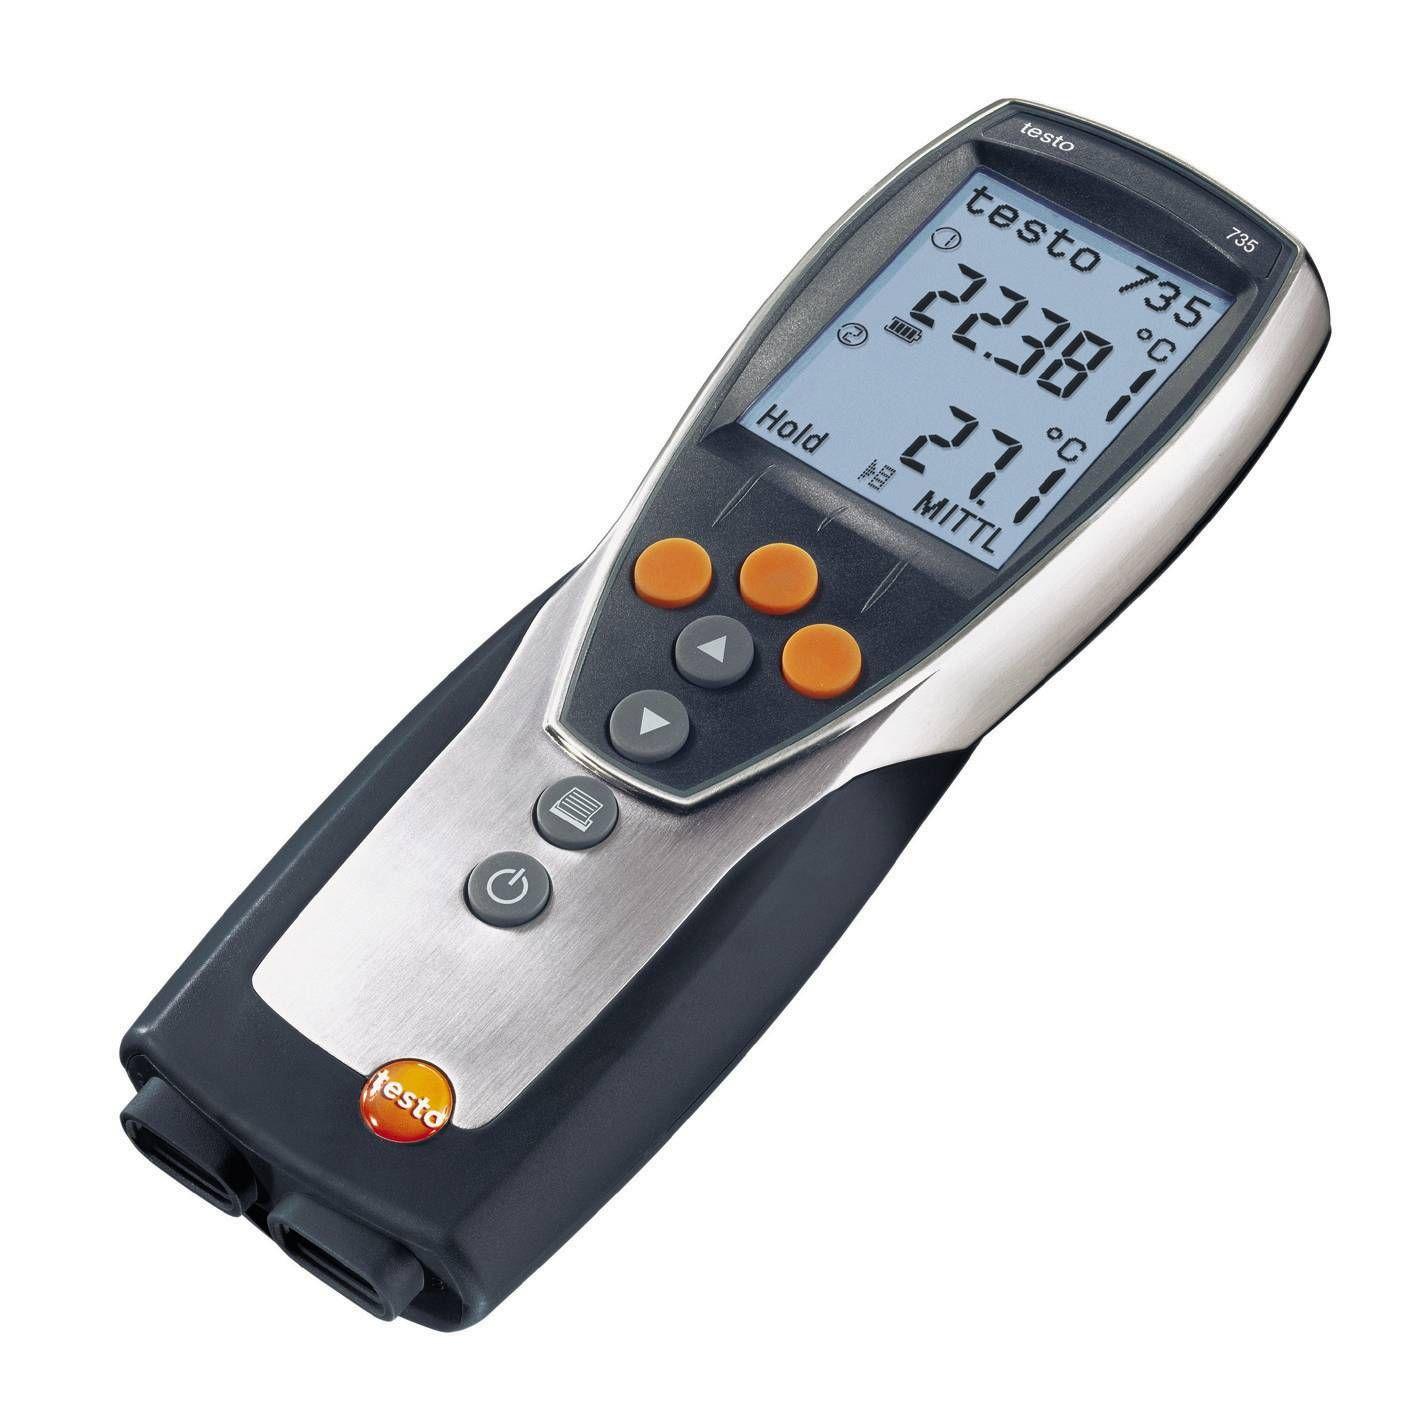 Termómetro profesional testo 735